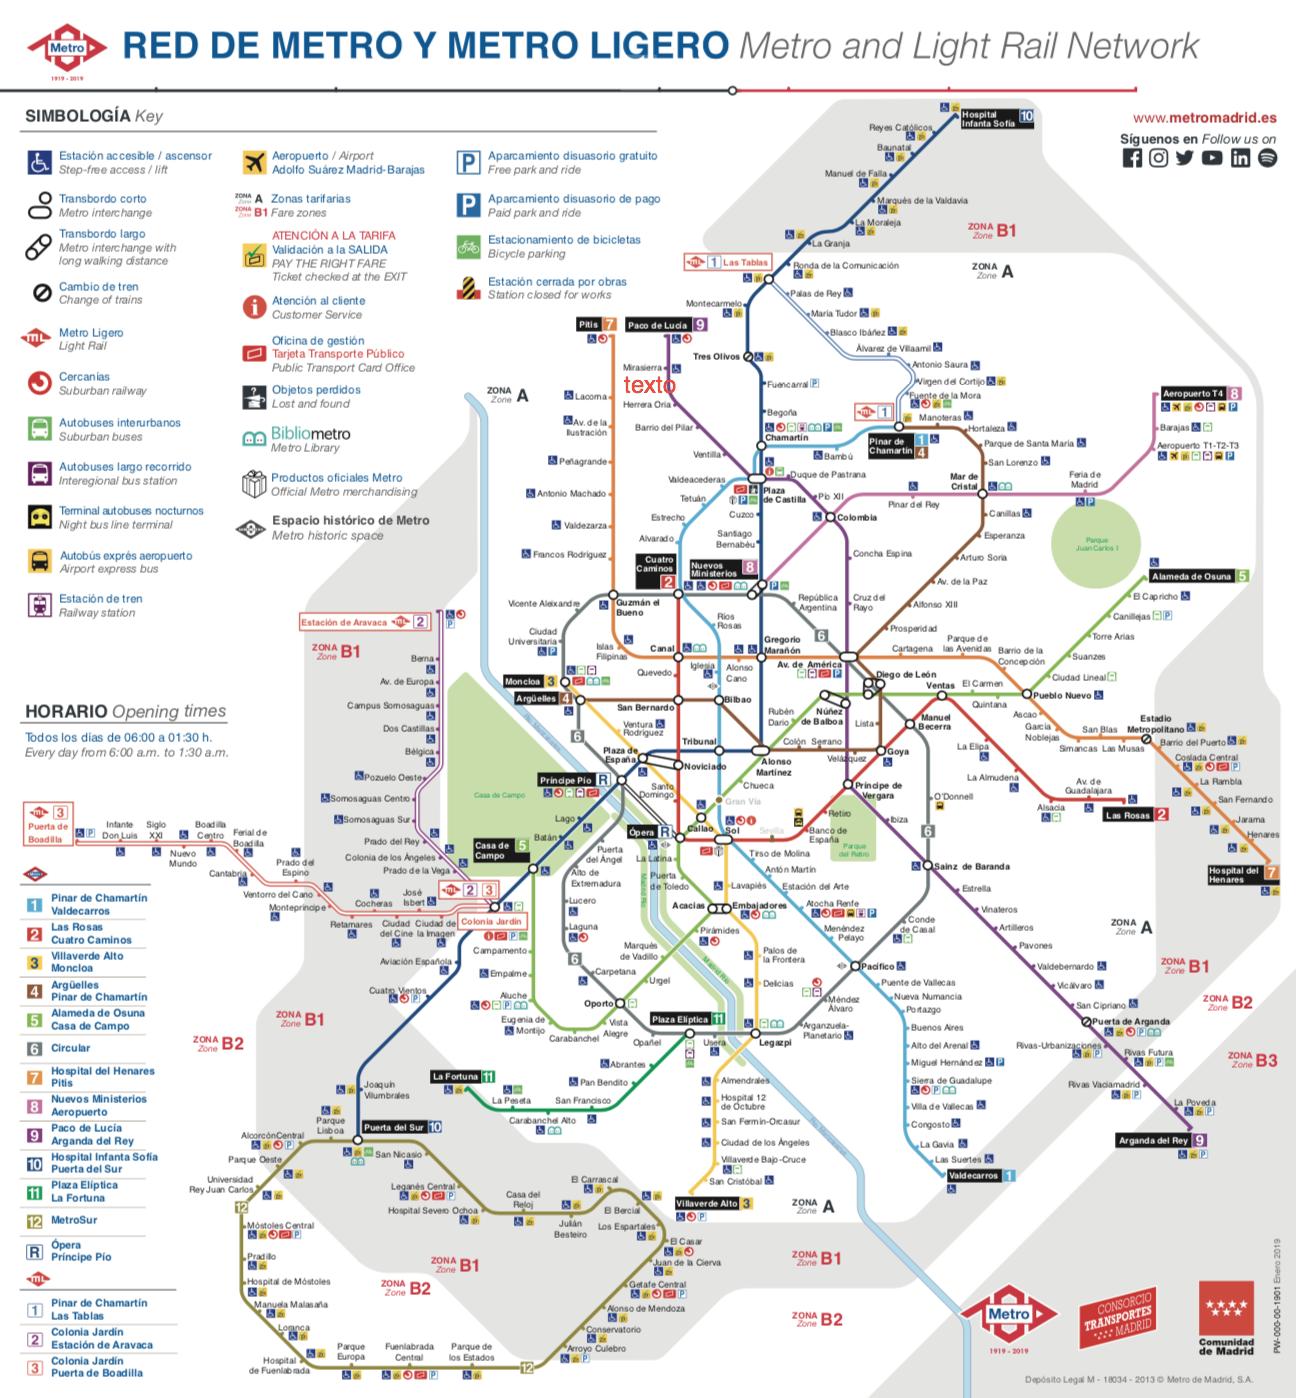 plano del metro de madrid completo actualizado